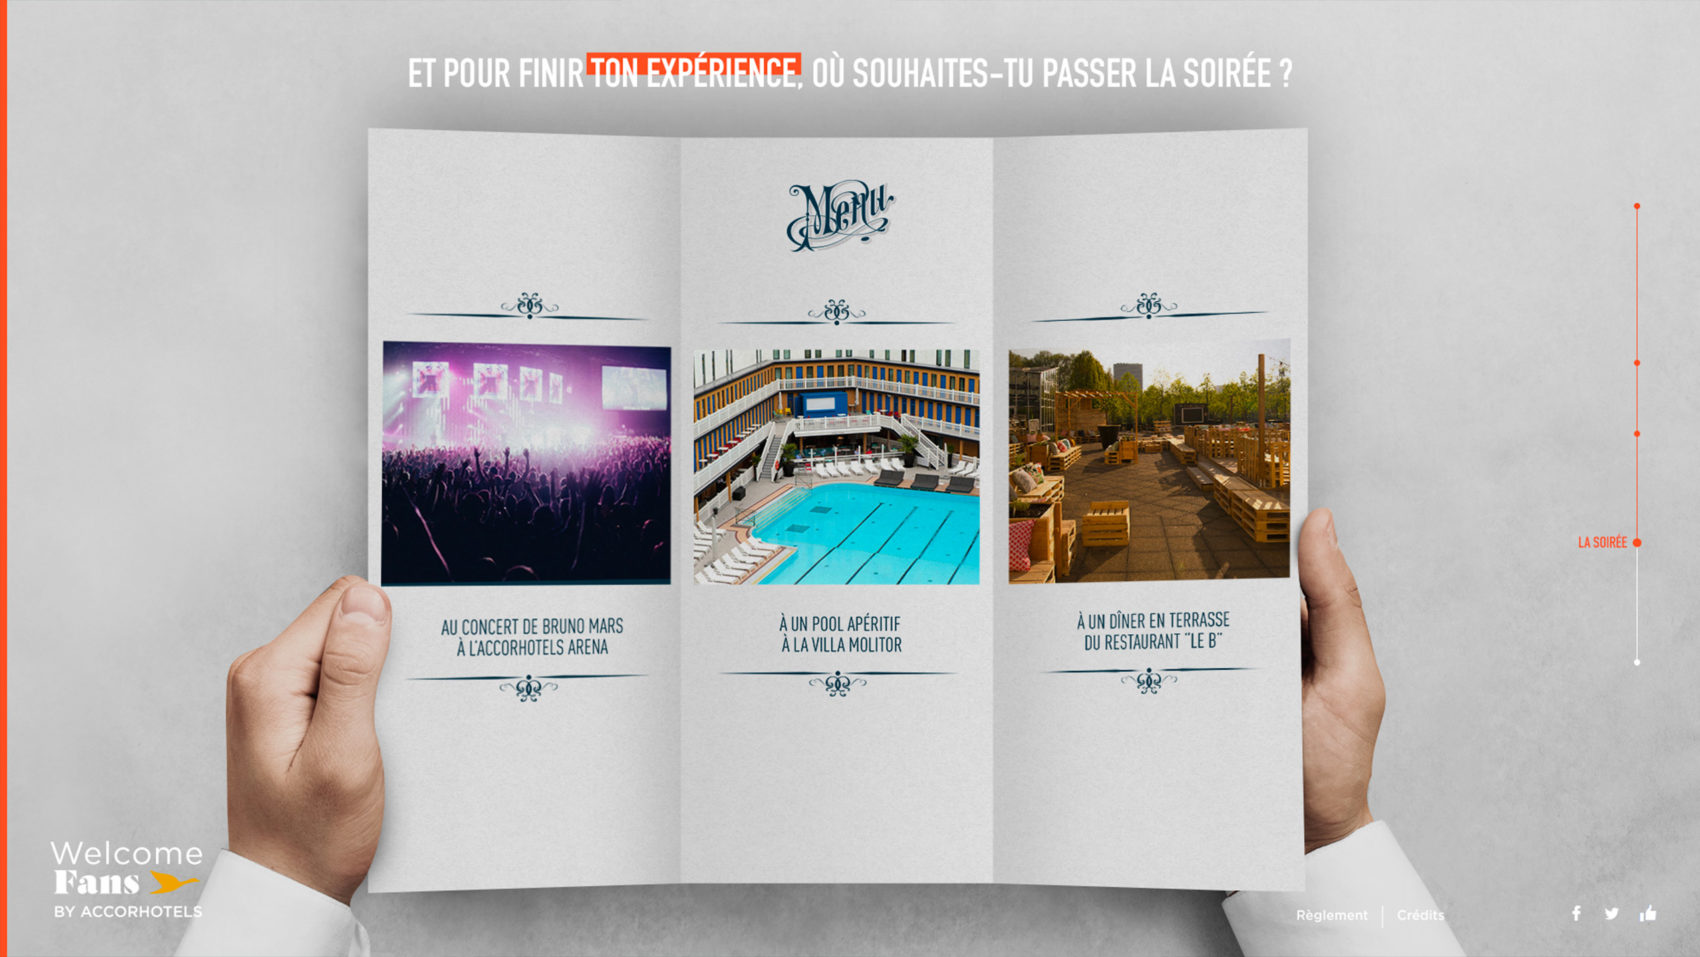 4_fft_federation_francaise_de_tennis_mon_roland_garros_de_reve_welcome_fans_accorhotels